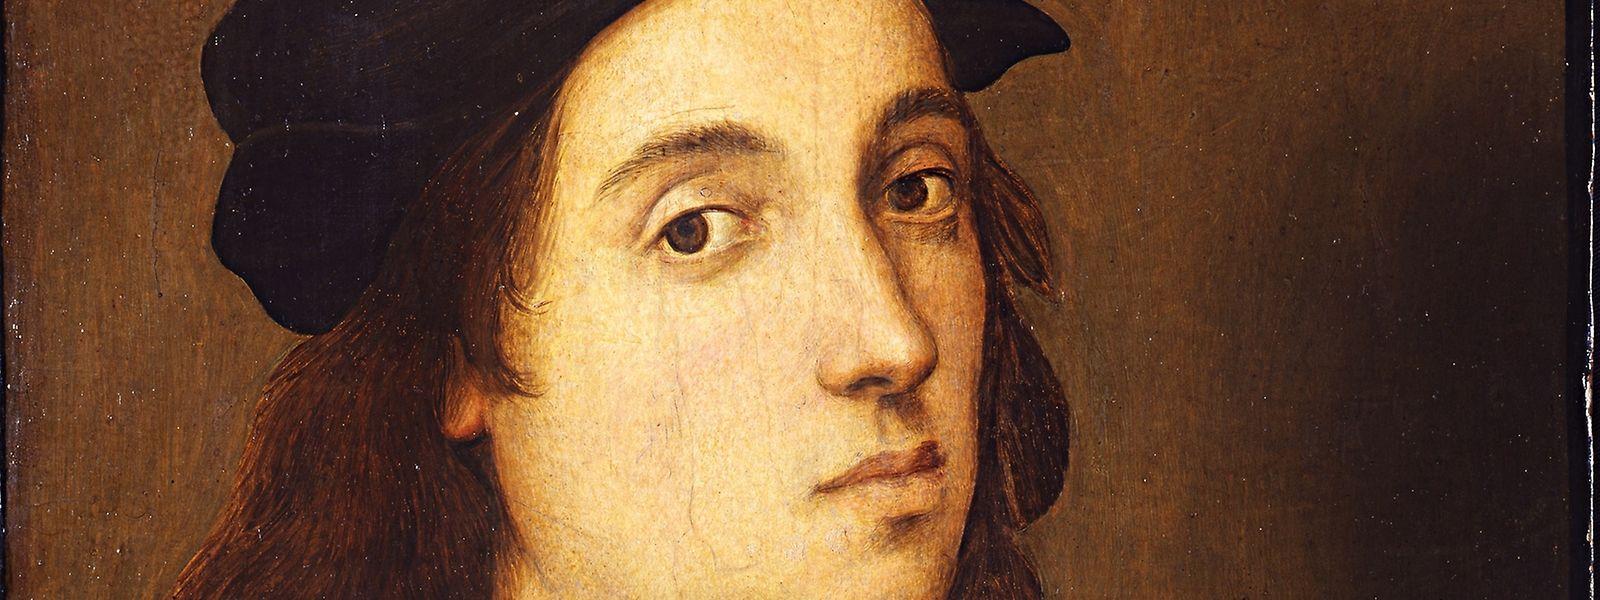 Selbstporträt (1506-1508) von  Raffael.